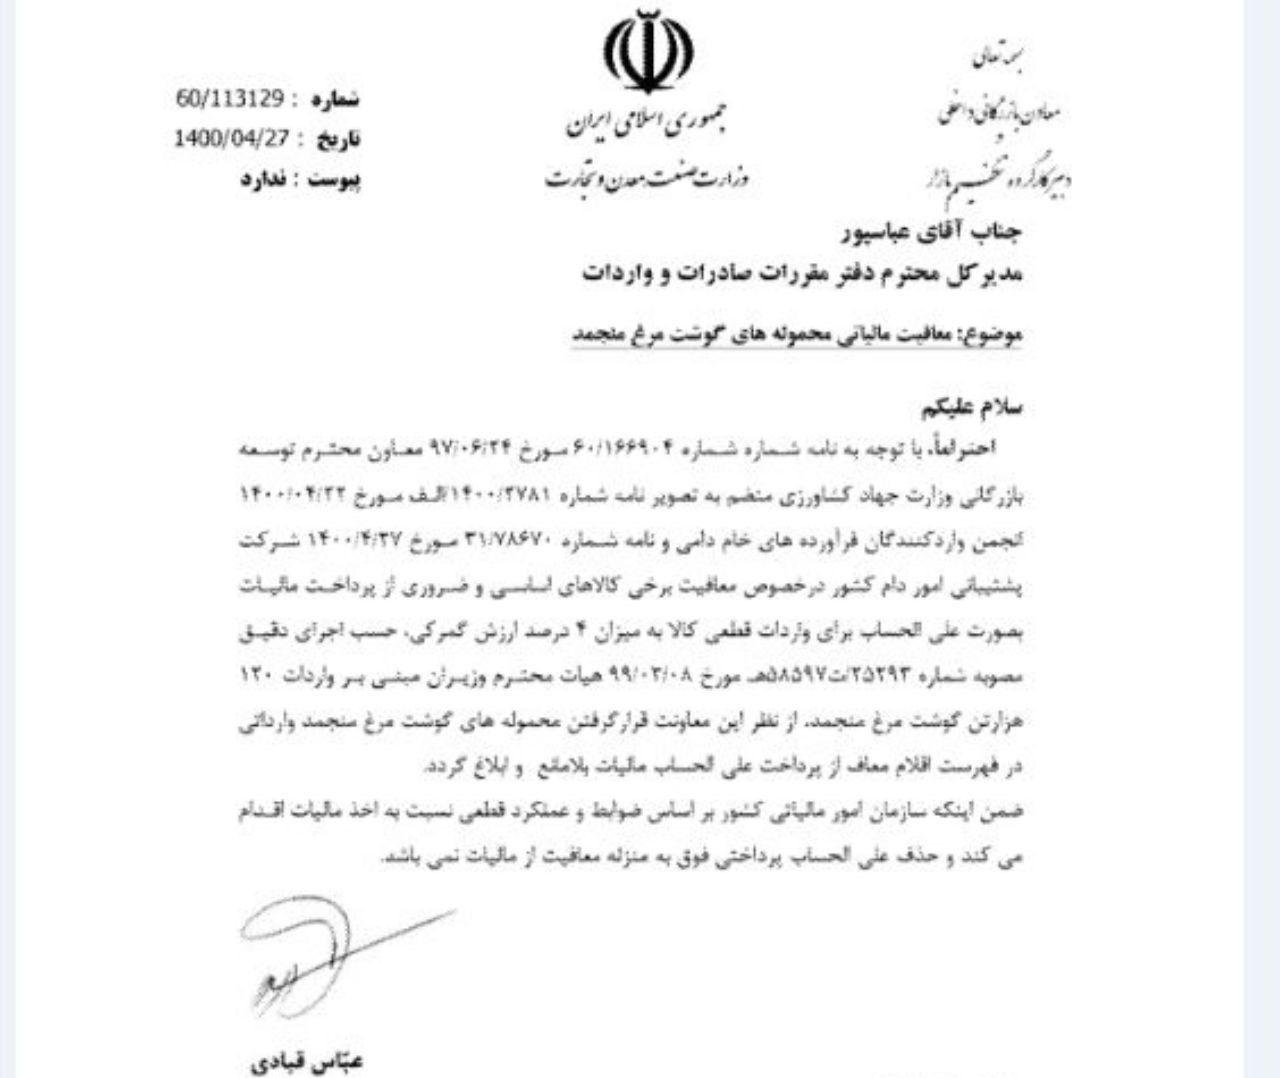 گوشت های منجمد وارداتی از پرداخت مالیات علی الحساب معاف شد